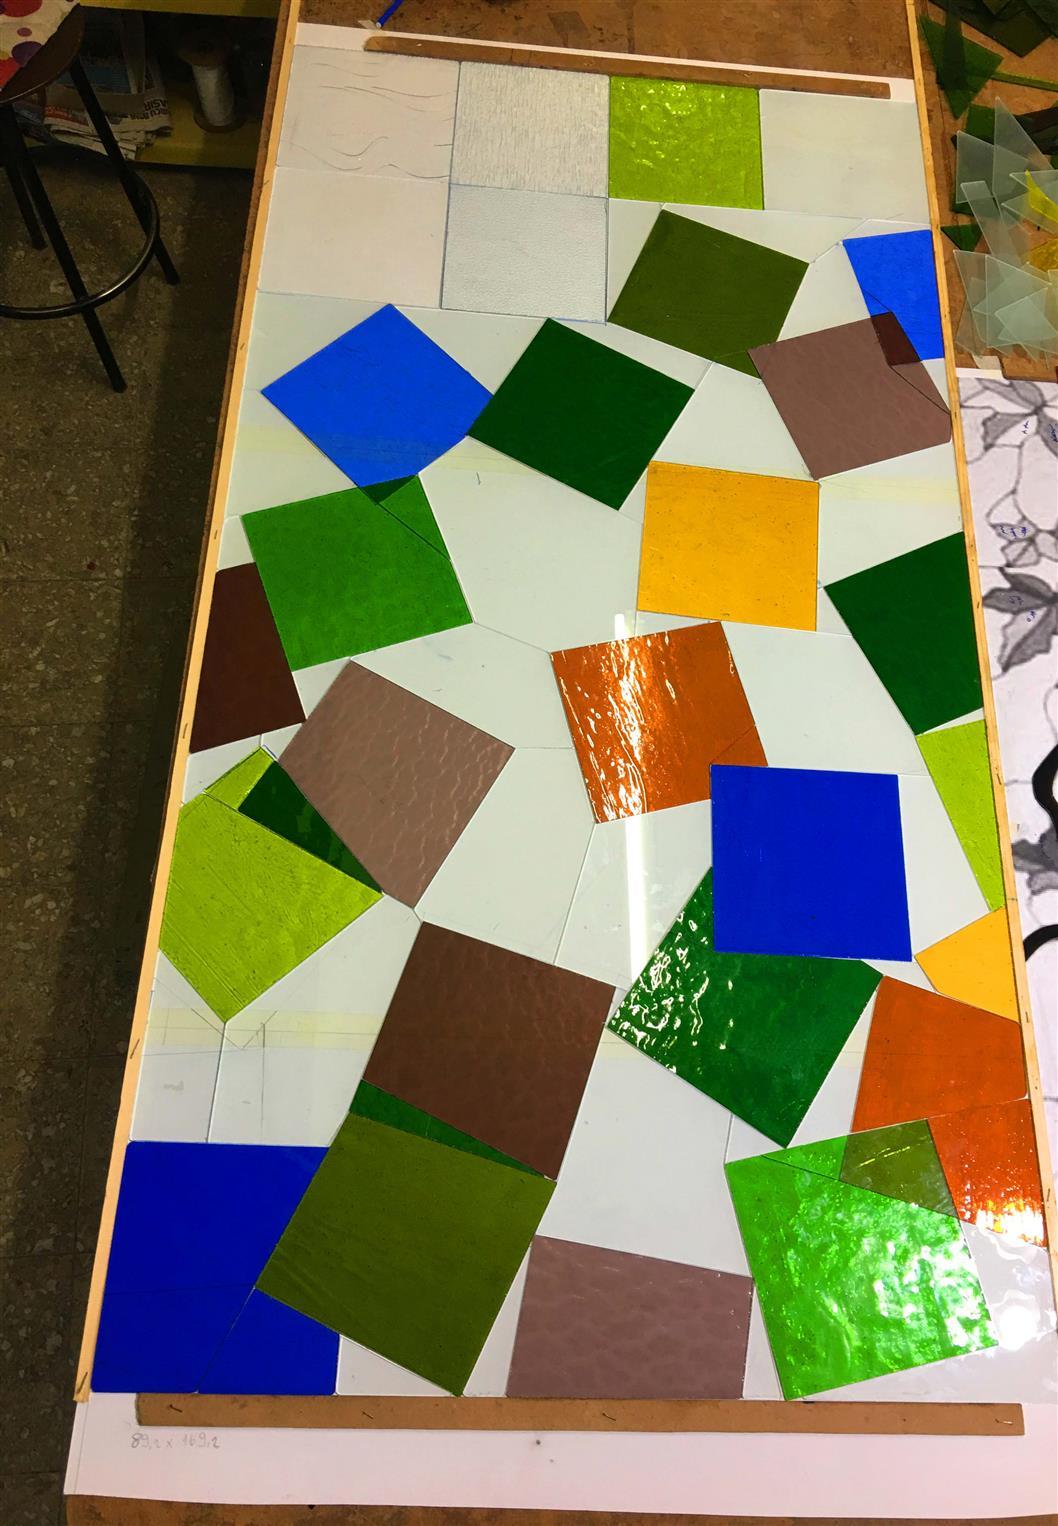 urla-kekliktepe-villa2020120192442542.jpg izmir vitray çalışması